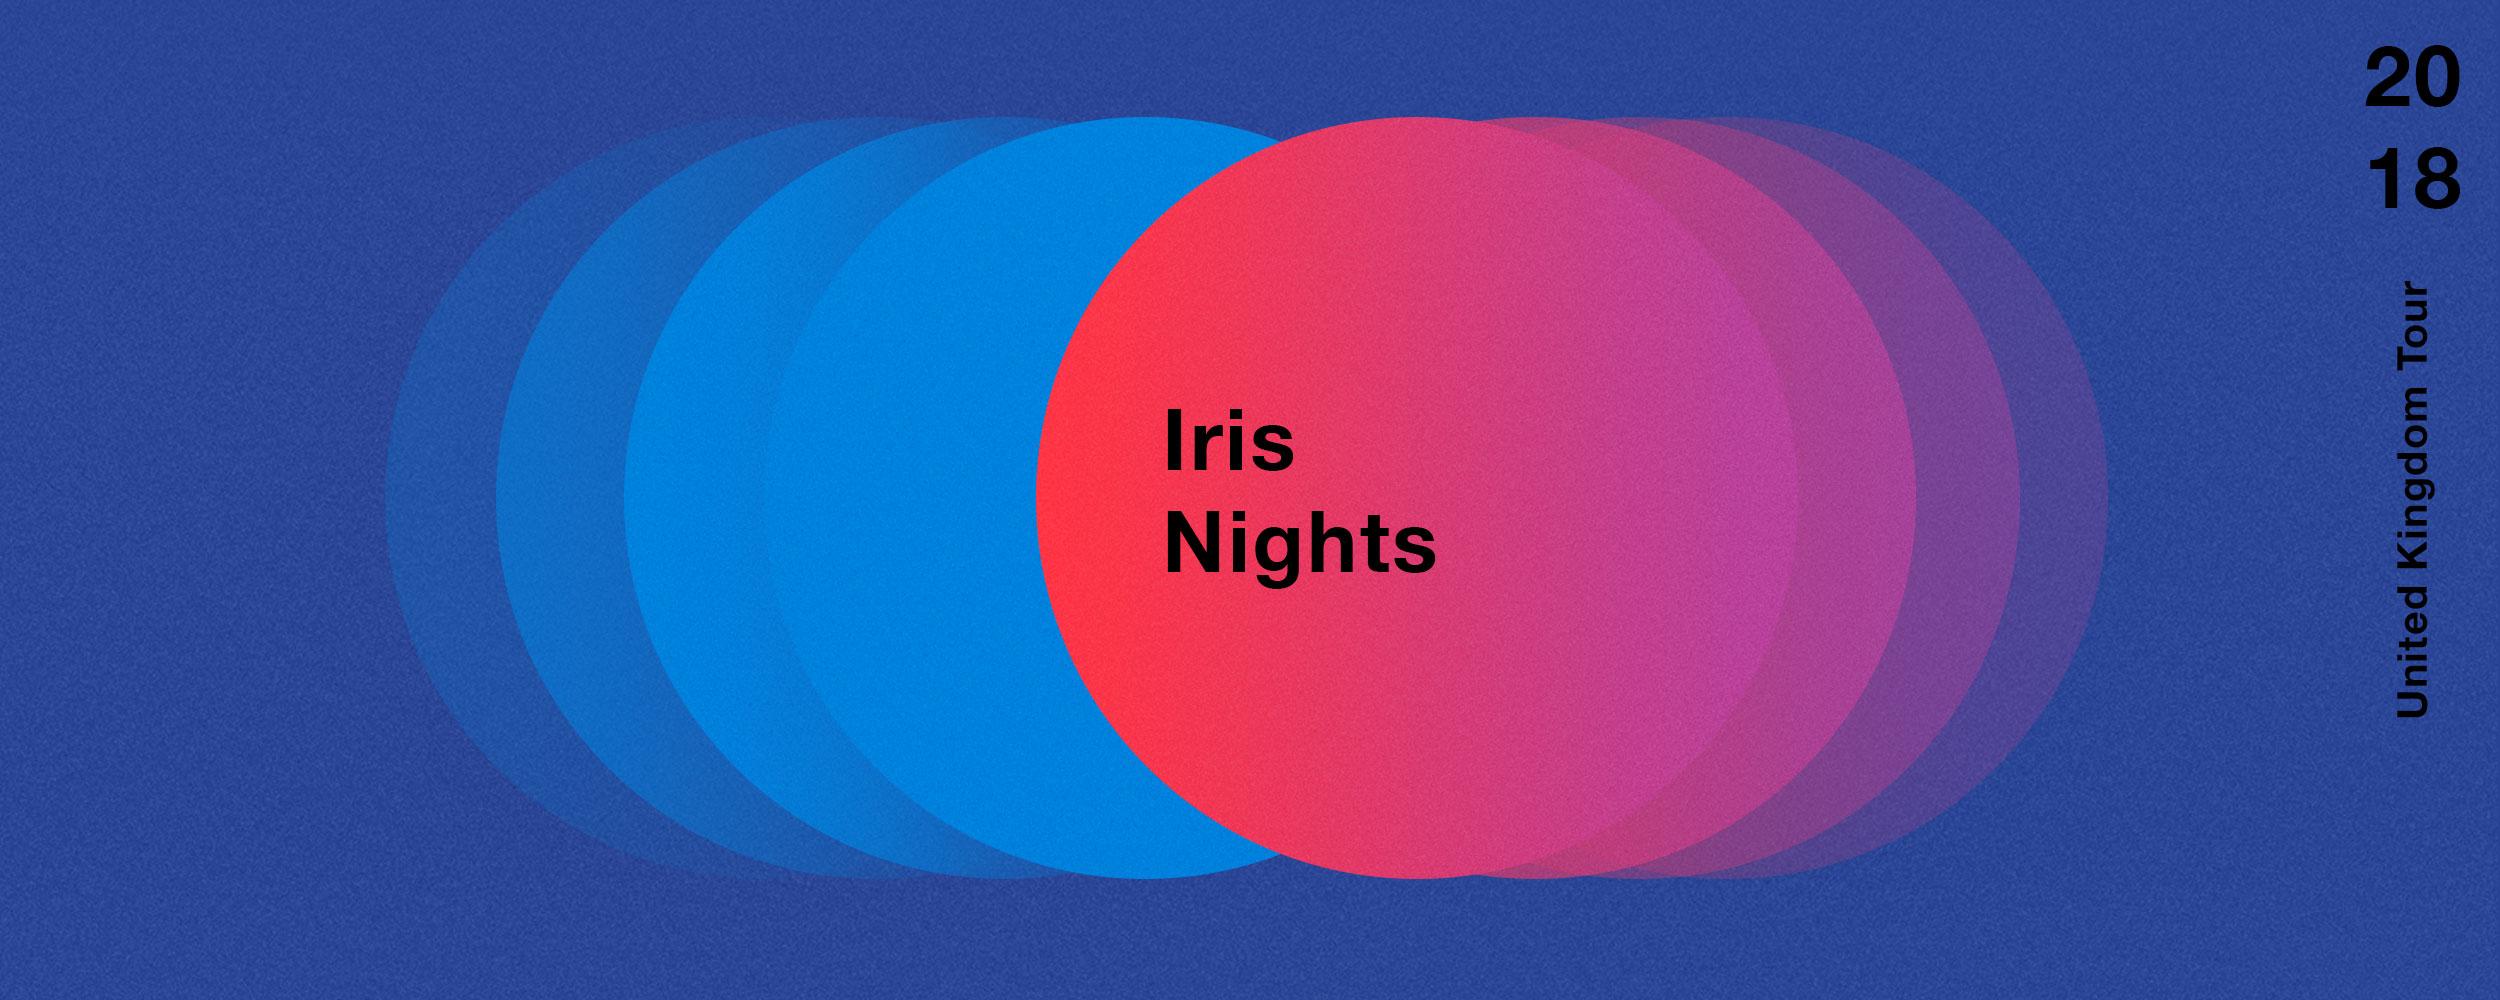 Iris Nights -UK.jpg